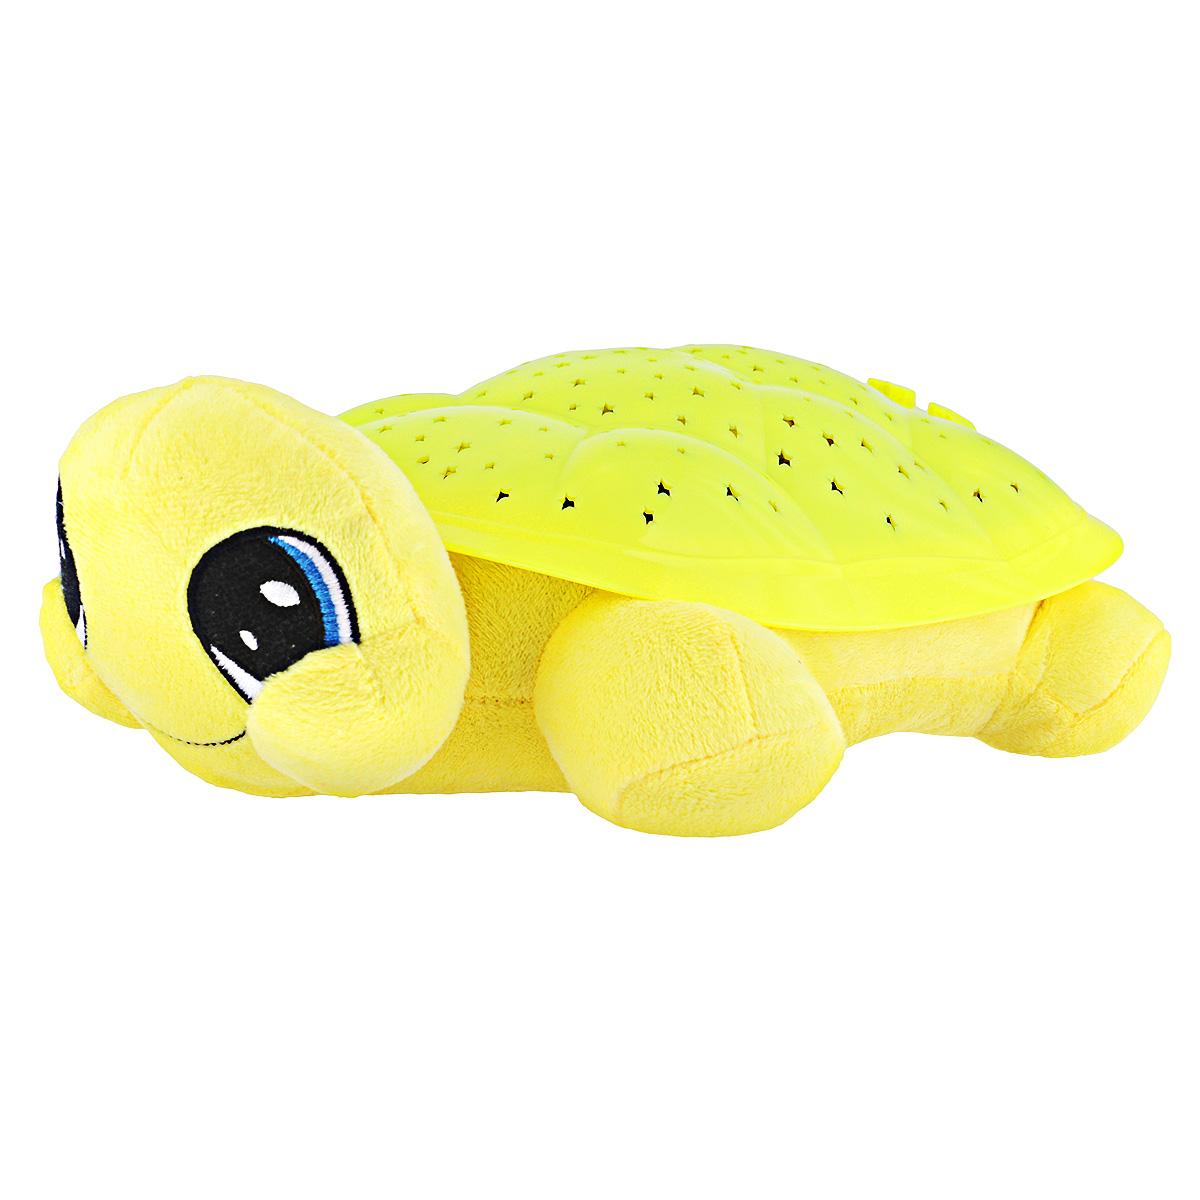 Ночник-проектор Мульти-Пульти Волшебная черепаха, цвет: желтыйBY8006A-RUНочник-проектор Мульти-Пульти Волшебная черепаха создаст волшебную атмосферу для сна ребенка.Это удивительный светильник, выполненный в форме мягкой игрушки-черепашки. Дизайн игрушки наверняка сразу понравится вашему малышу и завоюет его безграничную любовь.Глазки и ротик черепашки вышиты нитками. Благодаря своему волшебному панцирю черепашка имеет возможность проецировать на потолок и стену звездное небо. Ночник может работать в четырех цветовых режимах: с подсветкой красного, синего, зеленого и оранжевого цветов. Режима мигания света также четыре. Для убаюкивания малыша черепашка проигрывает фрагменты следующих колыбельных: Спят усталые игрушки, Спи, моя радость, усни и Колыбельная медведицы.Для переключения режимов выбора цвета, мигания света и мелодий на панцире черепахи расположены специальные кнопки. В комплект входит инструкция по эксплуатации на русском языке.Необходимо докупить 3 батарейки напряжением 1,5V типа ААА (не входят в комплект).